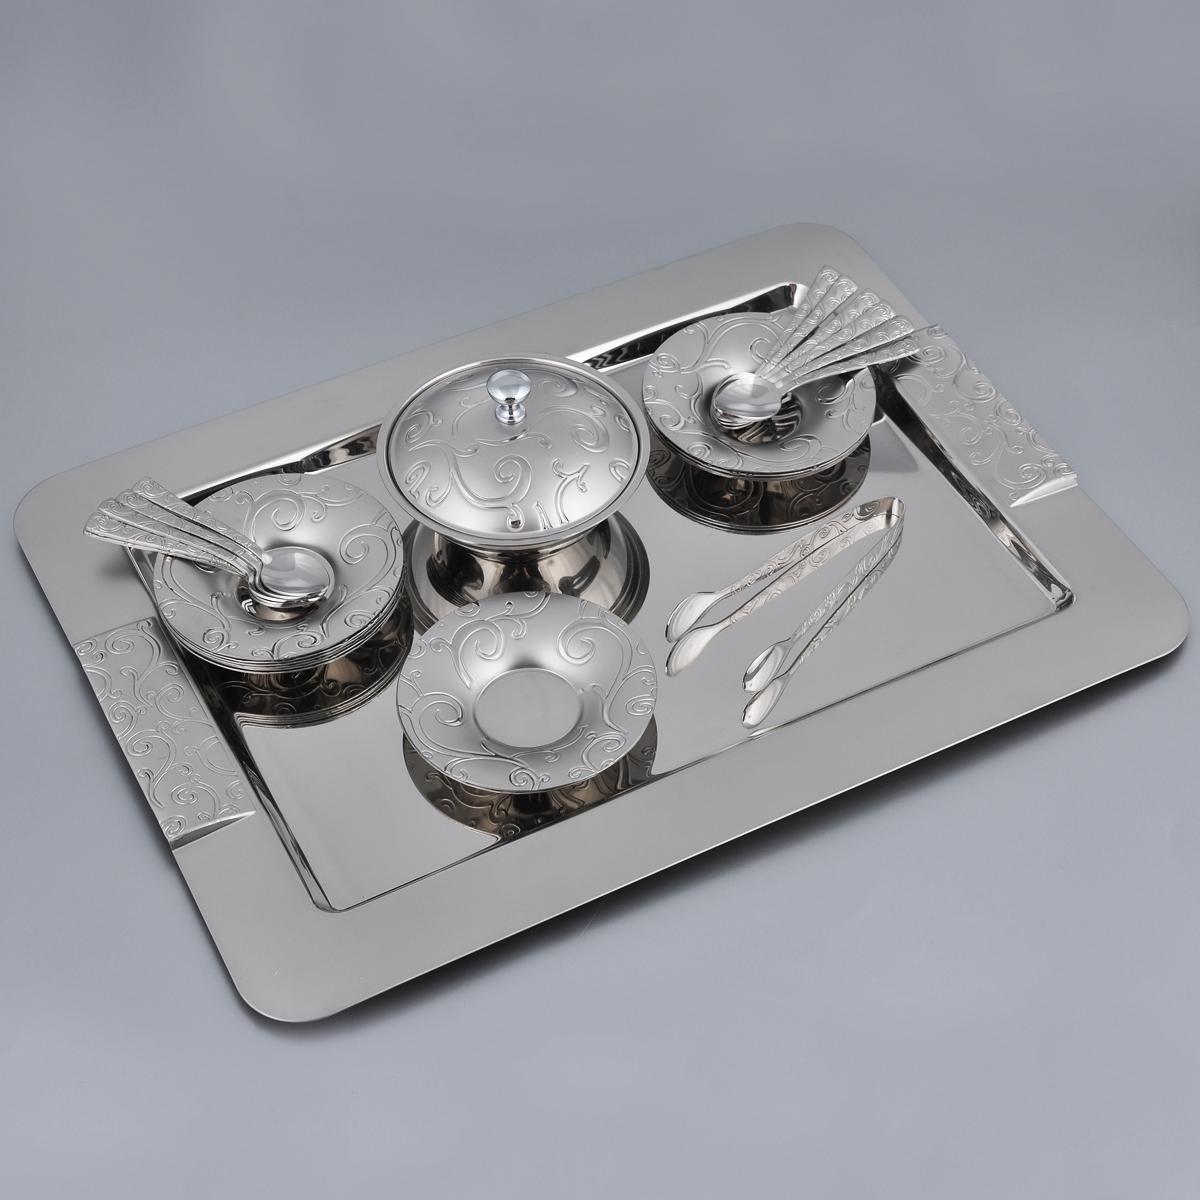 Набор десертный Korkmaz Spring, 28 предметов115510Десертный набор Korkmaz Spring состоит из подноса, сахарницы с крышкой, 12 десертных ложечек, 12 блюдец и щипцов для сахара, изготовленных из высококачественной нержавеющей стали марки 18/10. Отполированные до блеска поверхности имеют специальное покрытие, позволяющее длительное время сохранять яркость изделий. Предметы набора оформлены изящными узорами и имеют комбинированную зеркальную и матовыю поверхность. Десертный набор Korkmaz Spring - идеальный и необходимый подарок для вашего дома и для ваших друзей в праздники, юбилеи и торжества! Он также станет отличным корпоративным подарком и украшением любой кухни.Количество блюдец: 12 шт.Диаметр блюдец: 10,5 см.Высота блюдец: 1,5 см. Количество ложечек: 12 шт.Длина ложечек: 10,5 см.Размер рабочей части ложечек: 3 см х 2,2 см.Высота сахарницы (с учетом крышки): 7,5 см.Диаметр сахарницы по верхнему краю: 11,5 см. Размер подноса: 42 см х 31 см х 2 см.Размер щипцов: 13 см х 3 см х 2,5 см.